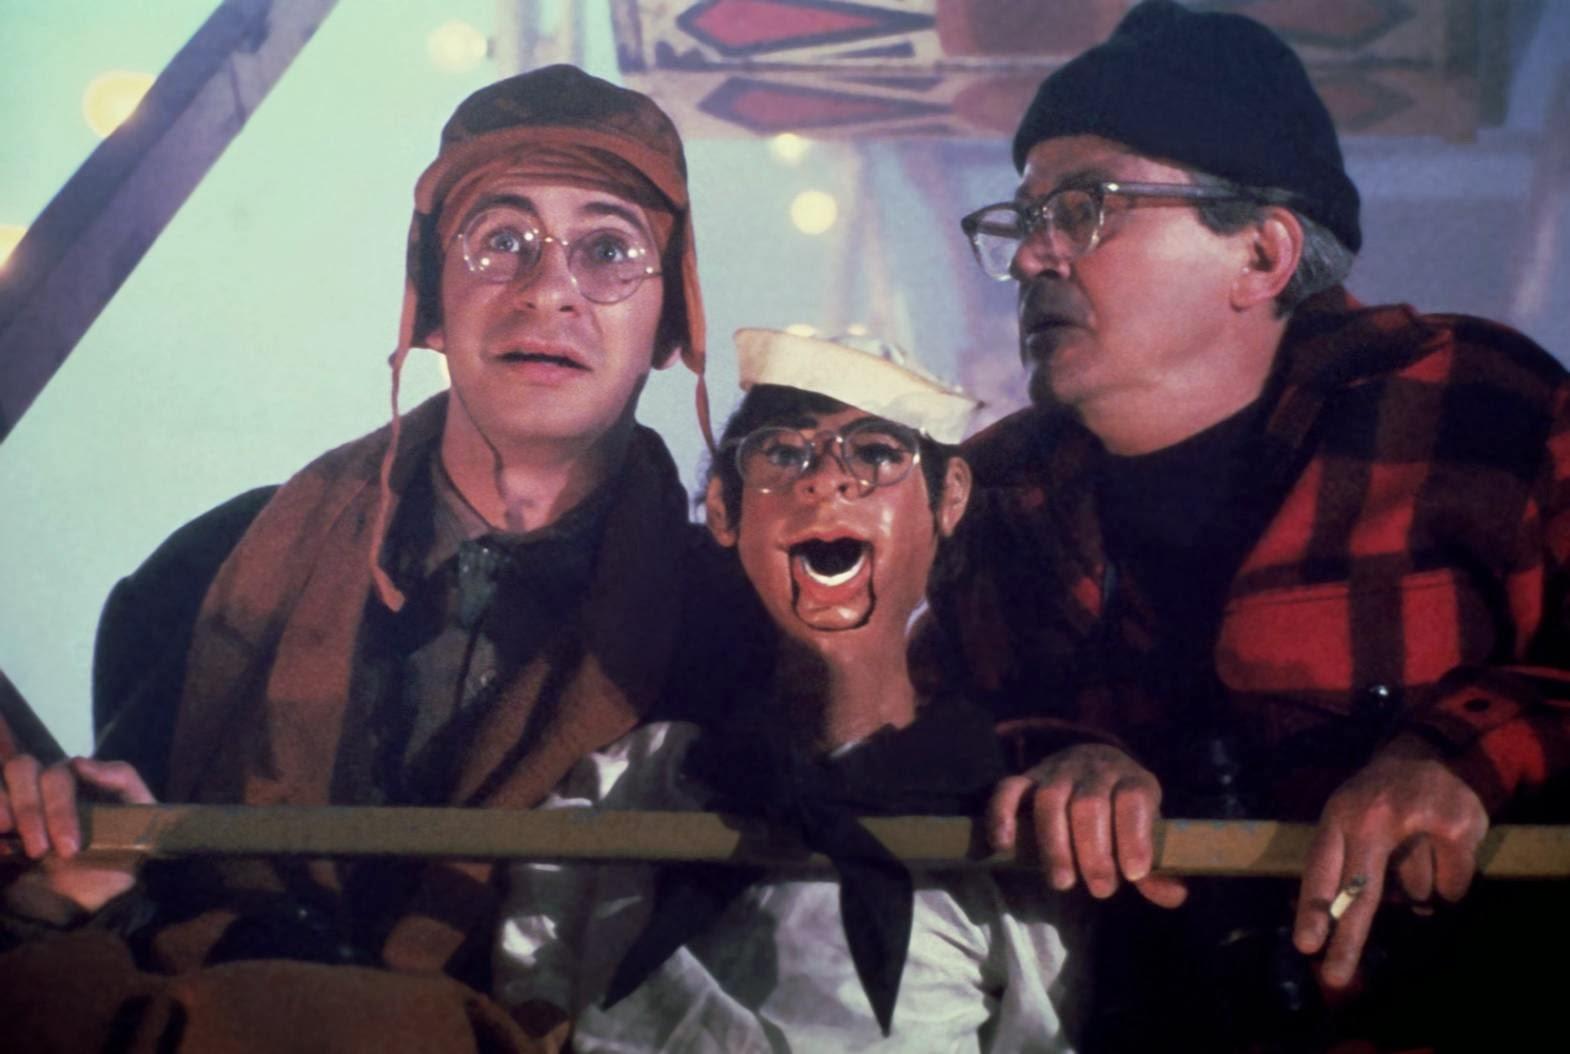 1941+film+Ferris+Wheel+Eddie+Deezen+and+Murray+Hamilton++with+ventriloquist+dummy.jpg